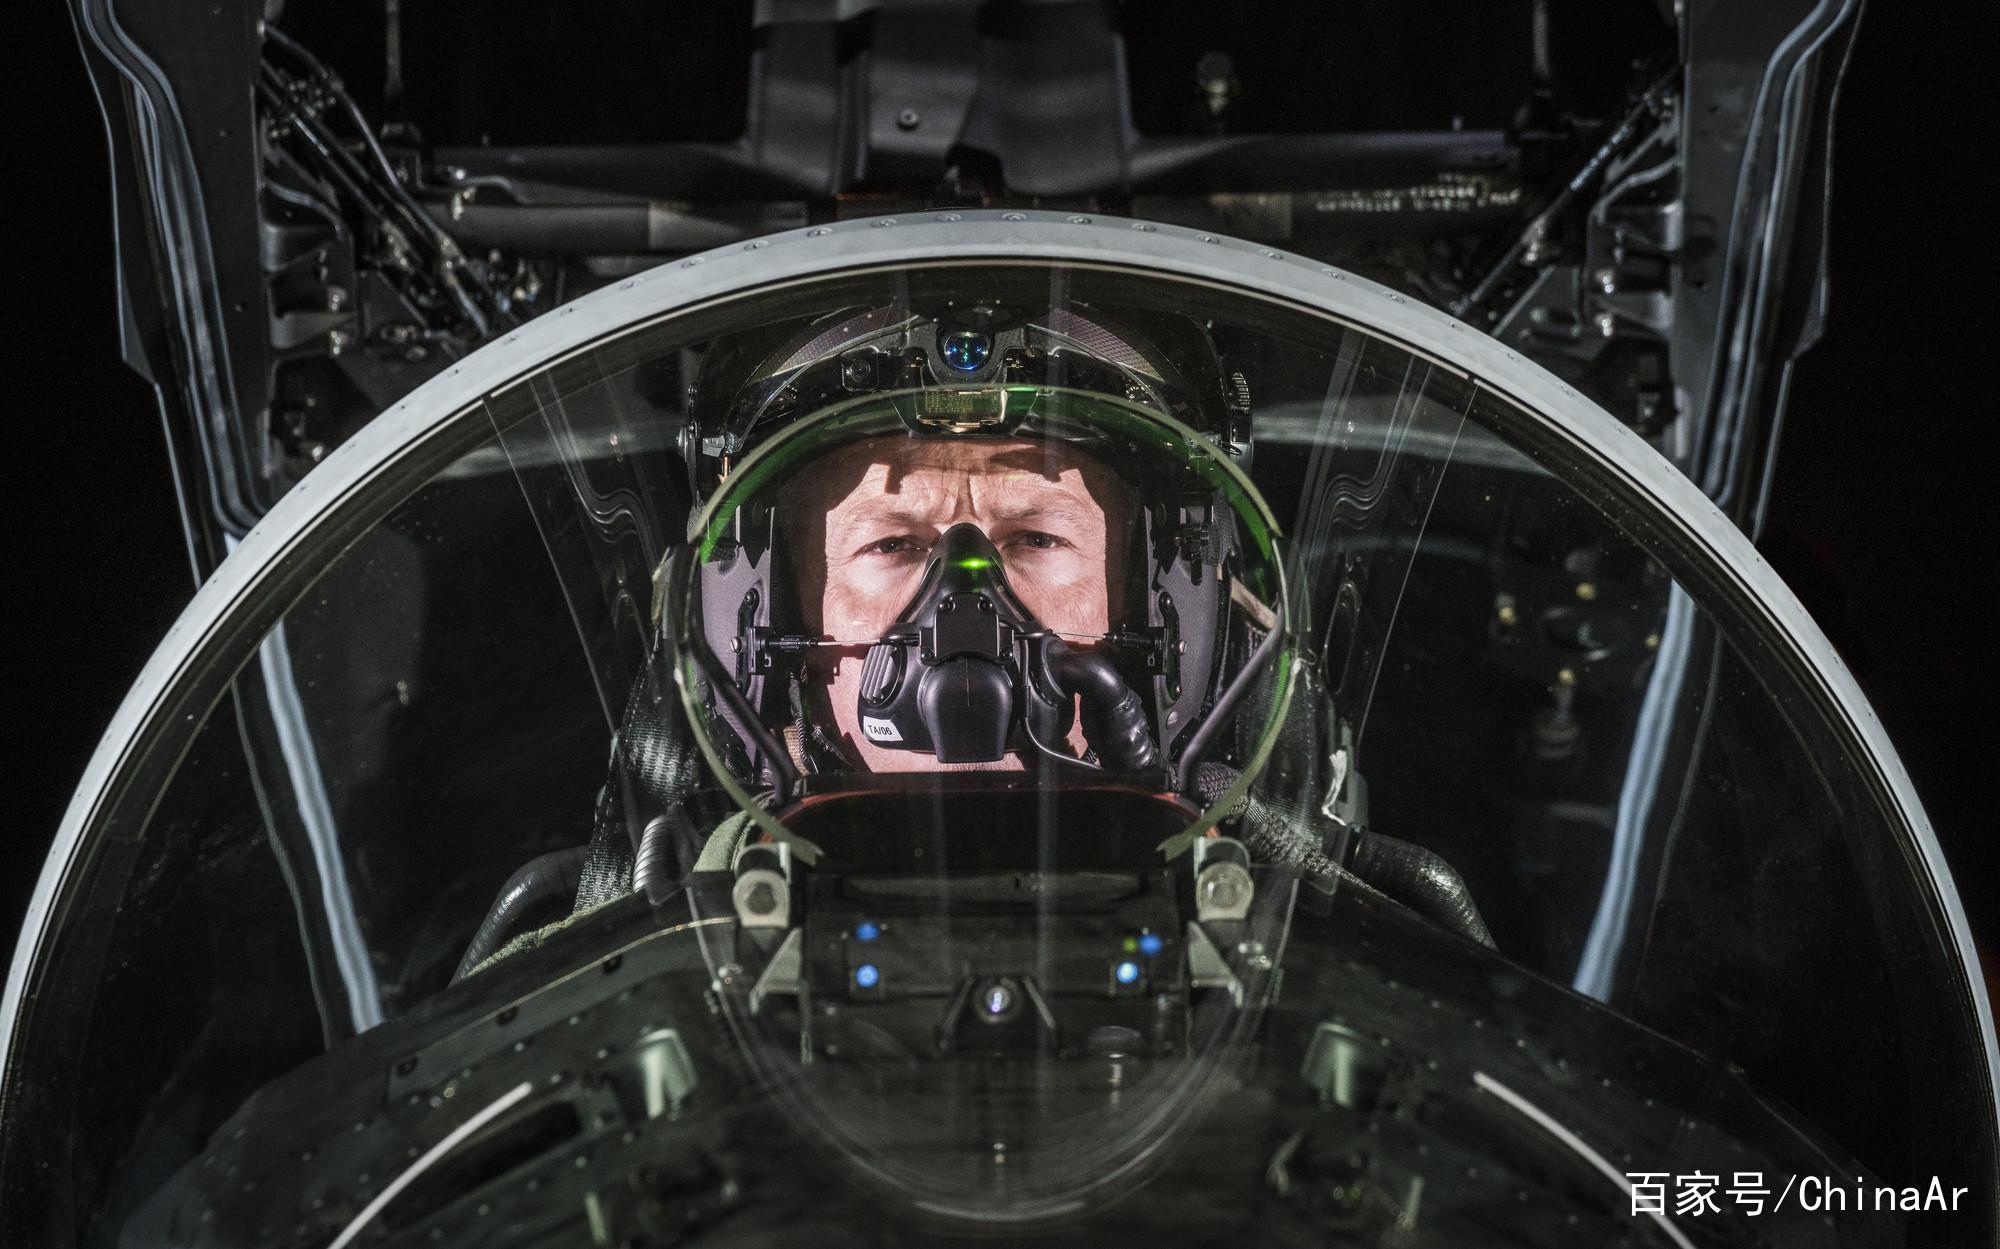 把AR技术应用到战斗机飞行上 让科幻变成现实 AR资讯 第1张